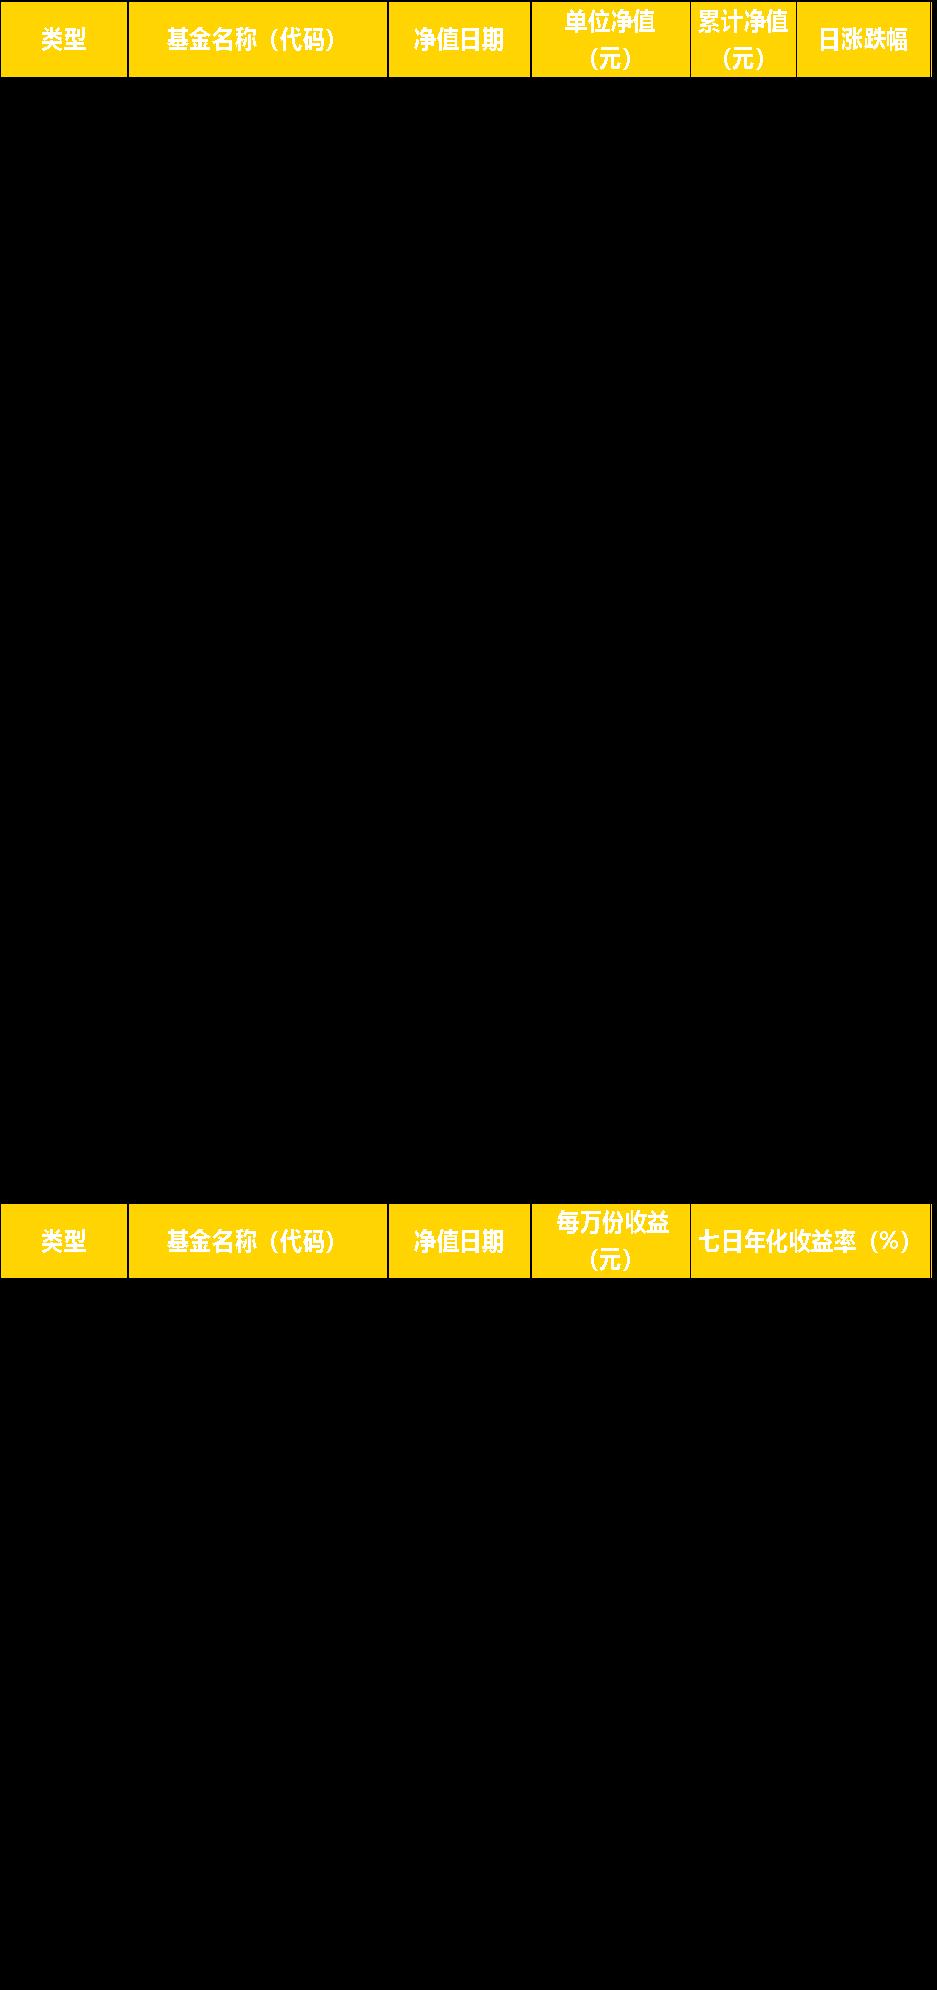 兴•料 | 12日A股大涨点评!